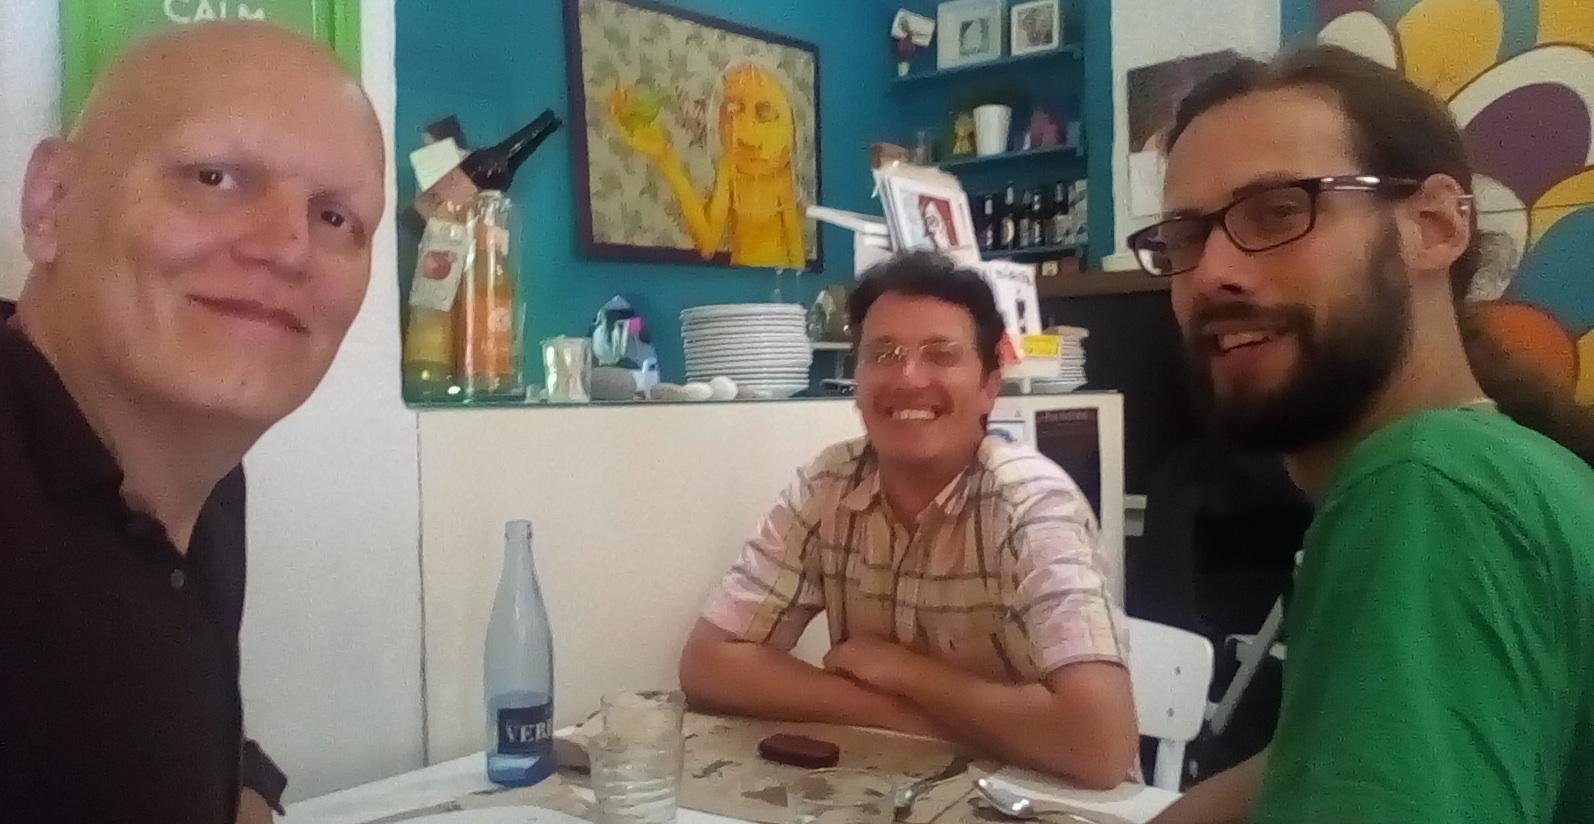 Con Abraham Navarro editor y Luis Gil maquetador de Cauac en Murcia el pasado 4 de junio. Selfie del autor.